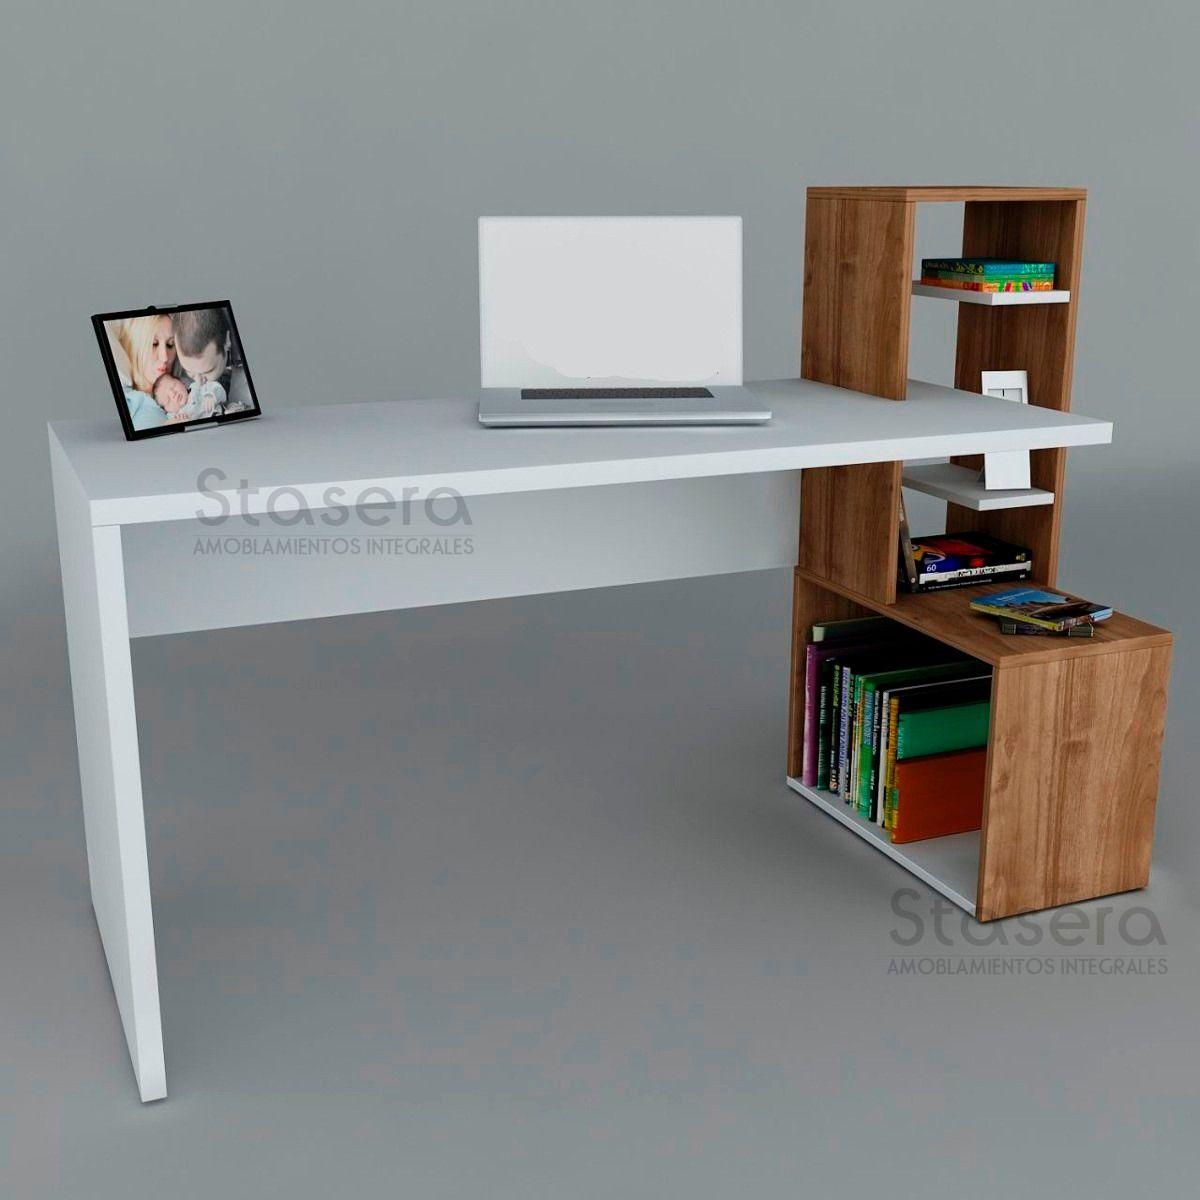 Nuevo escritorio moderno mesa pc biblioteca mueble repisa - Mueble escritorio moderno ...